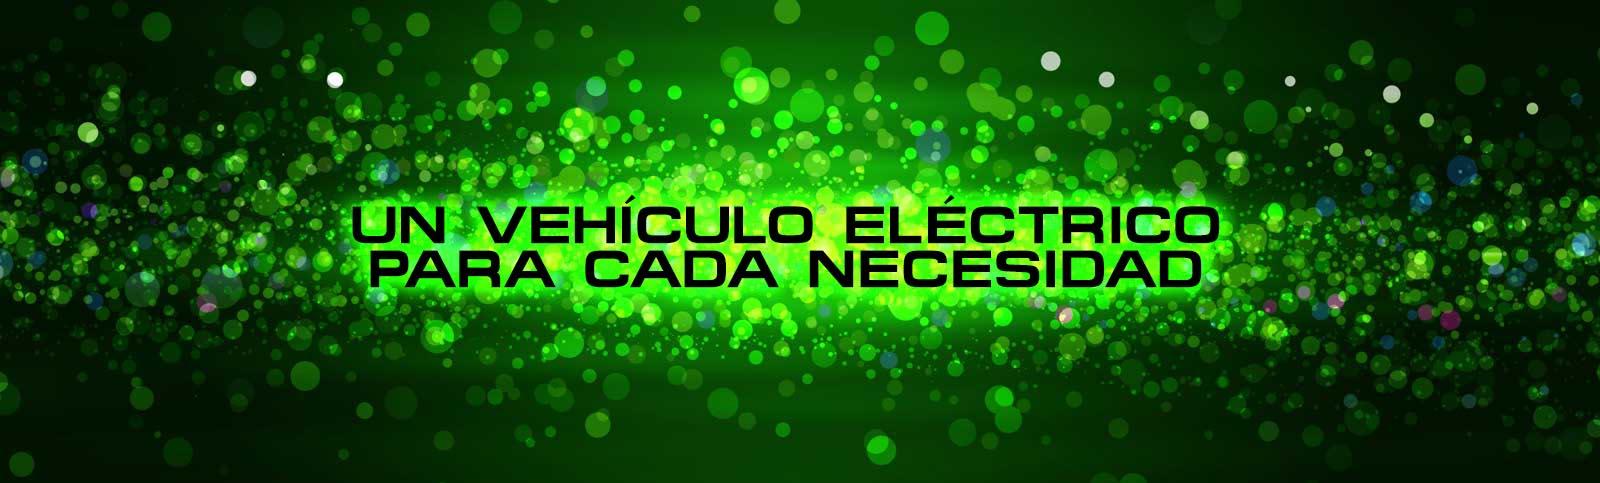 un vehículo eléctrico para cada necesidad